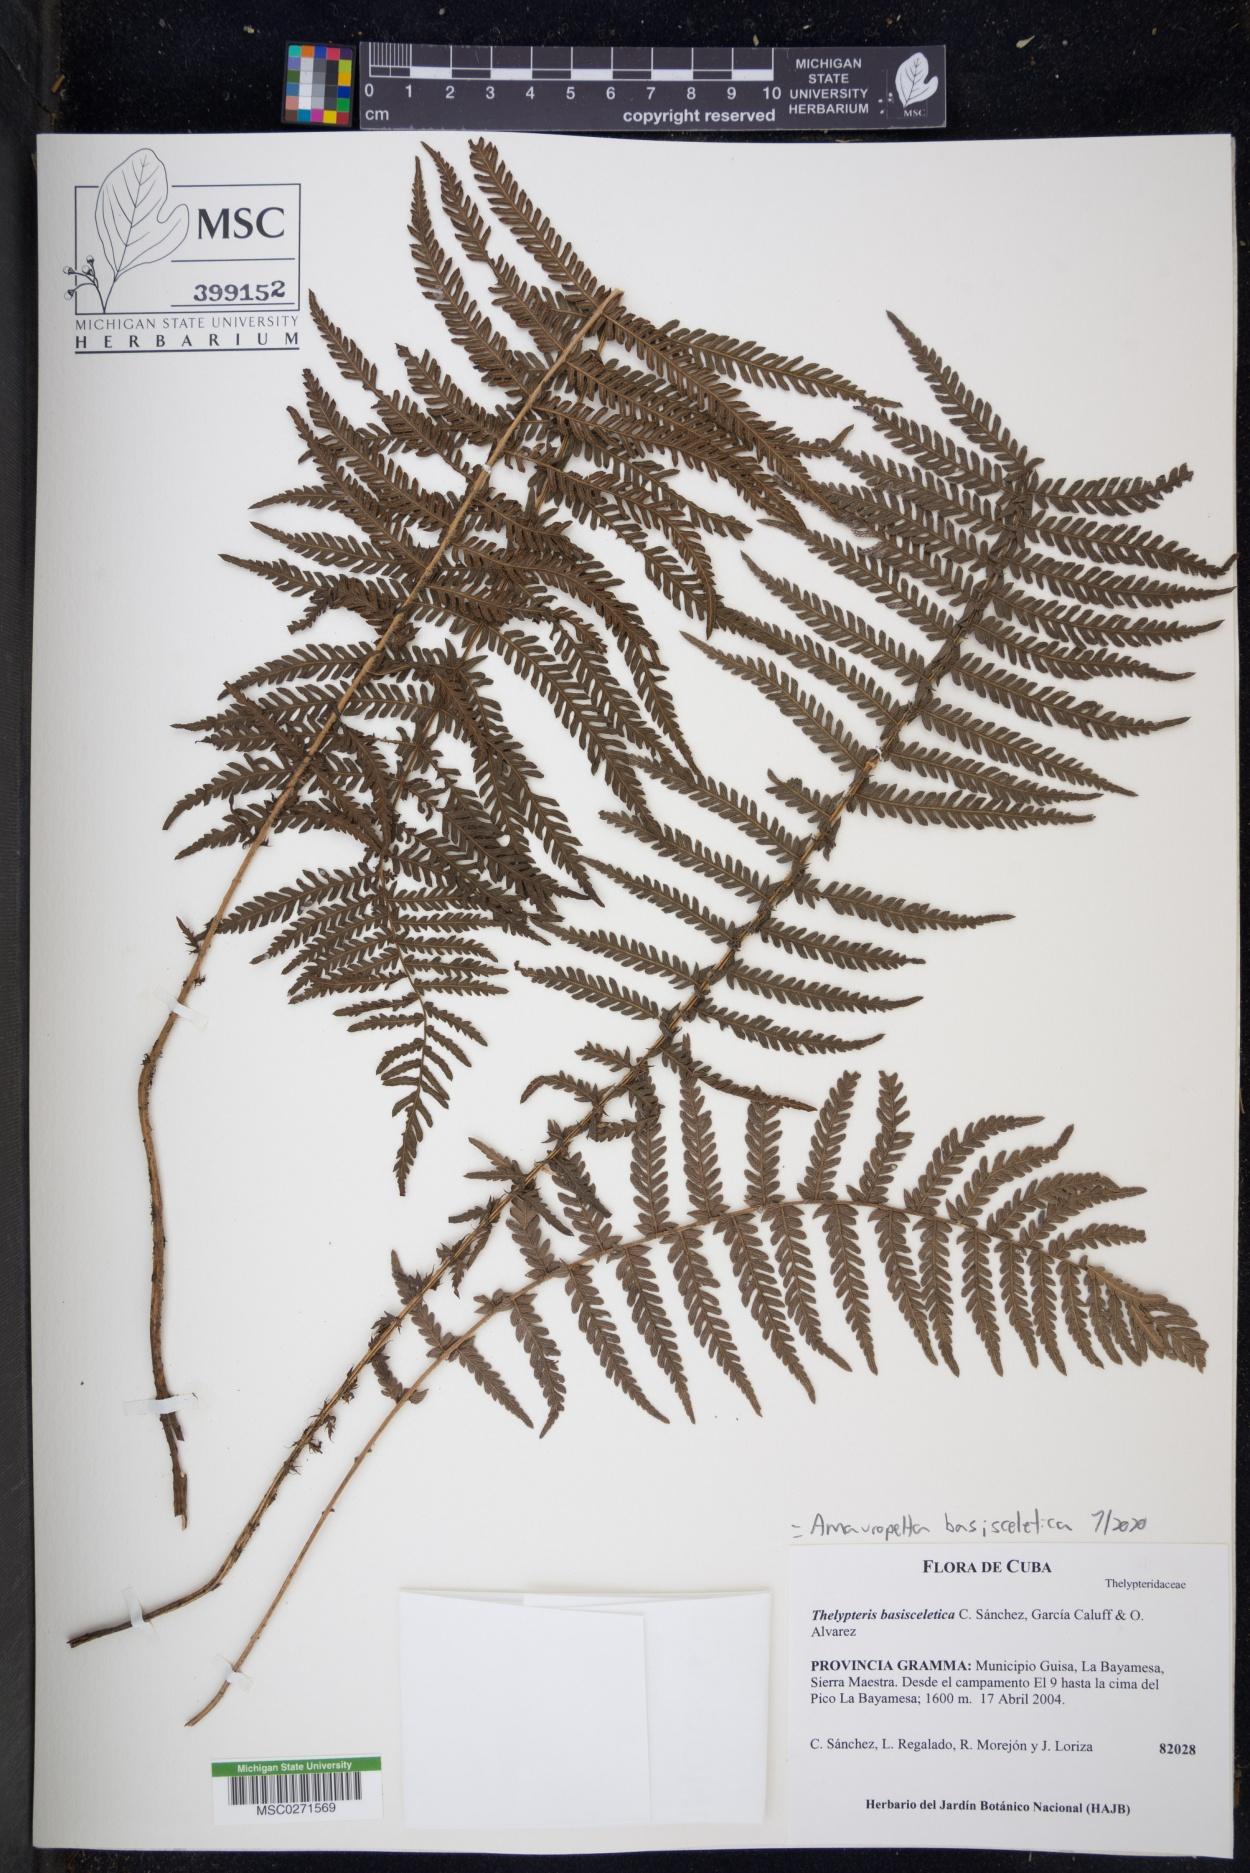 Amauropelta basisceletica image